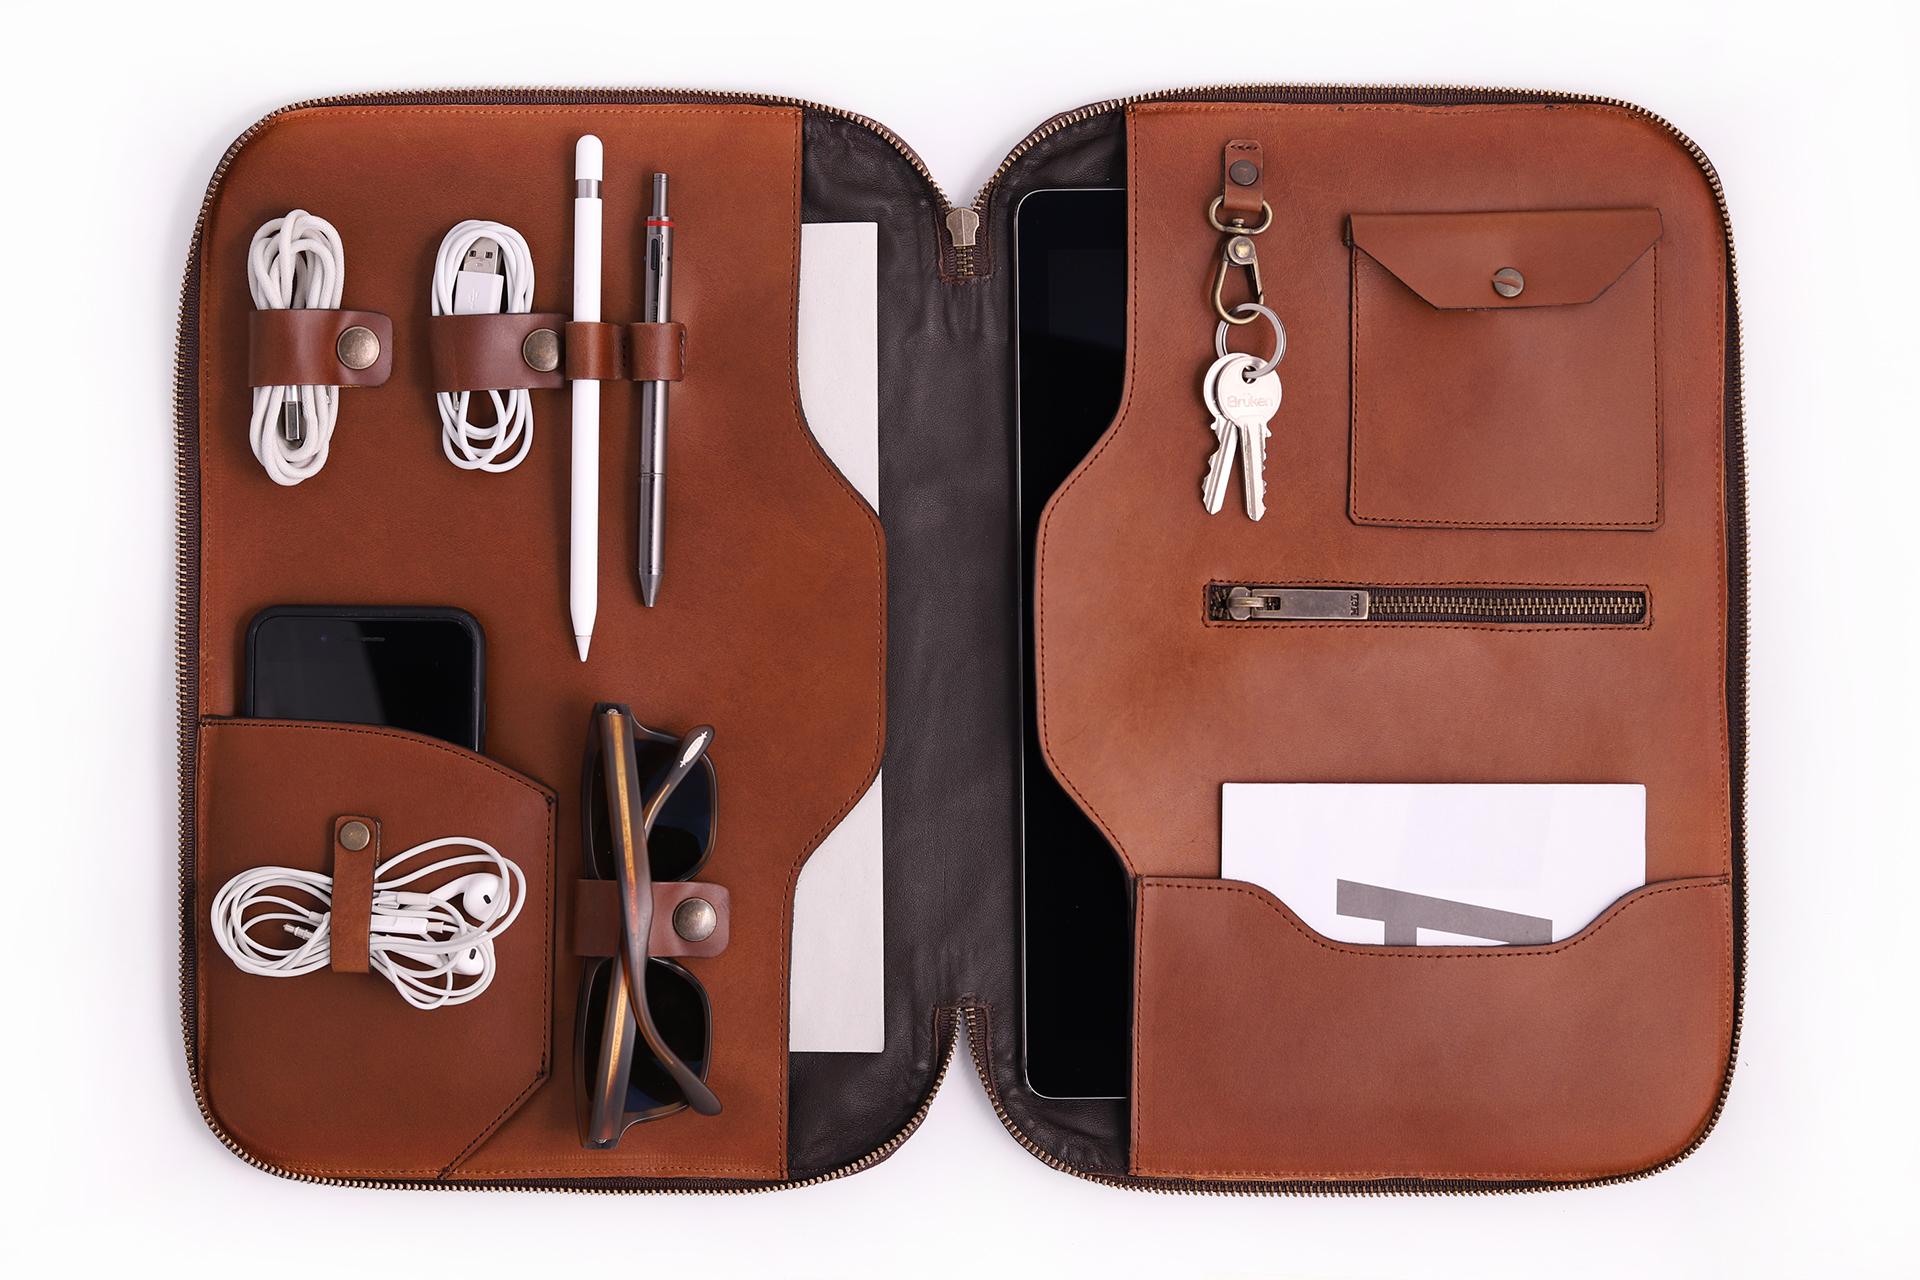 portafolio-viajes-tech-dopp-sleeve-vintage-sugerencia-de-uso-funda-ipad-pro-tablet-cafe.jpg